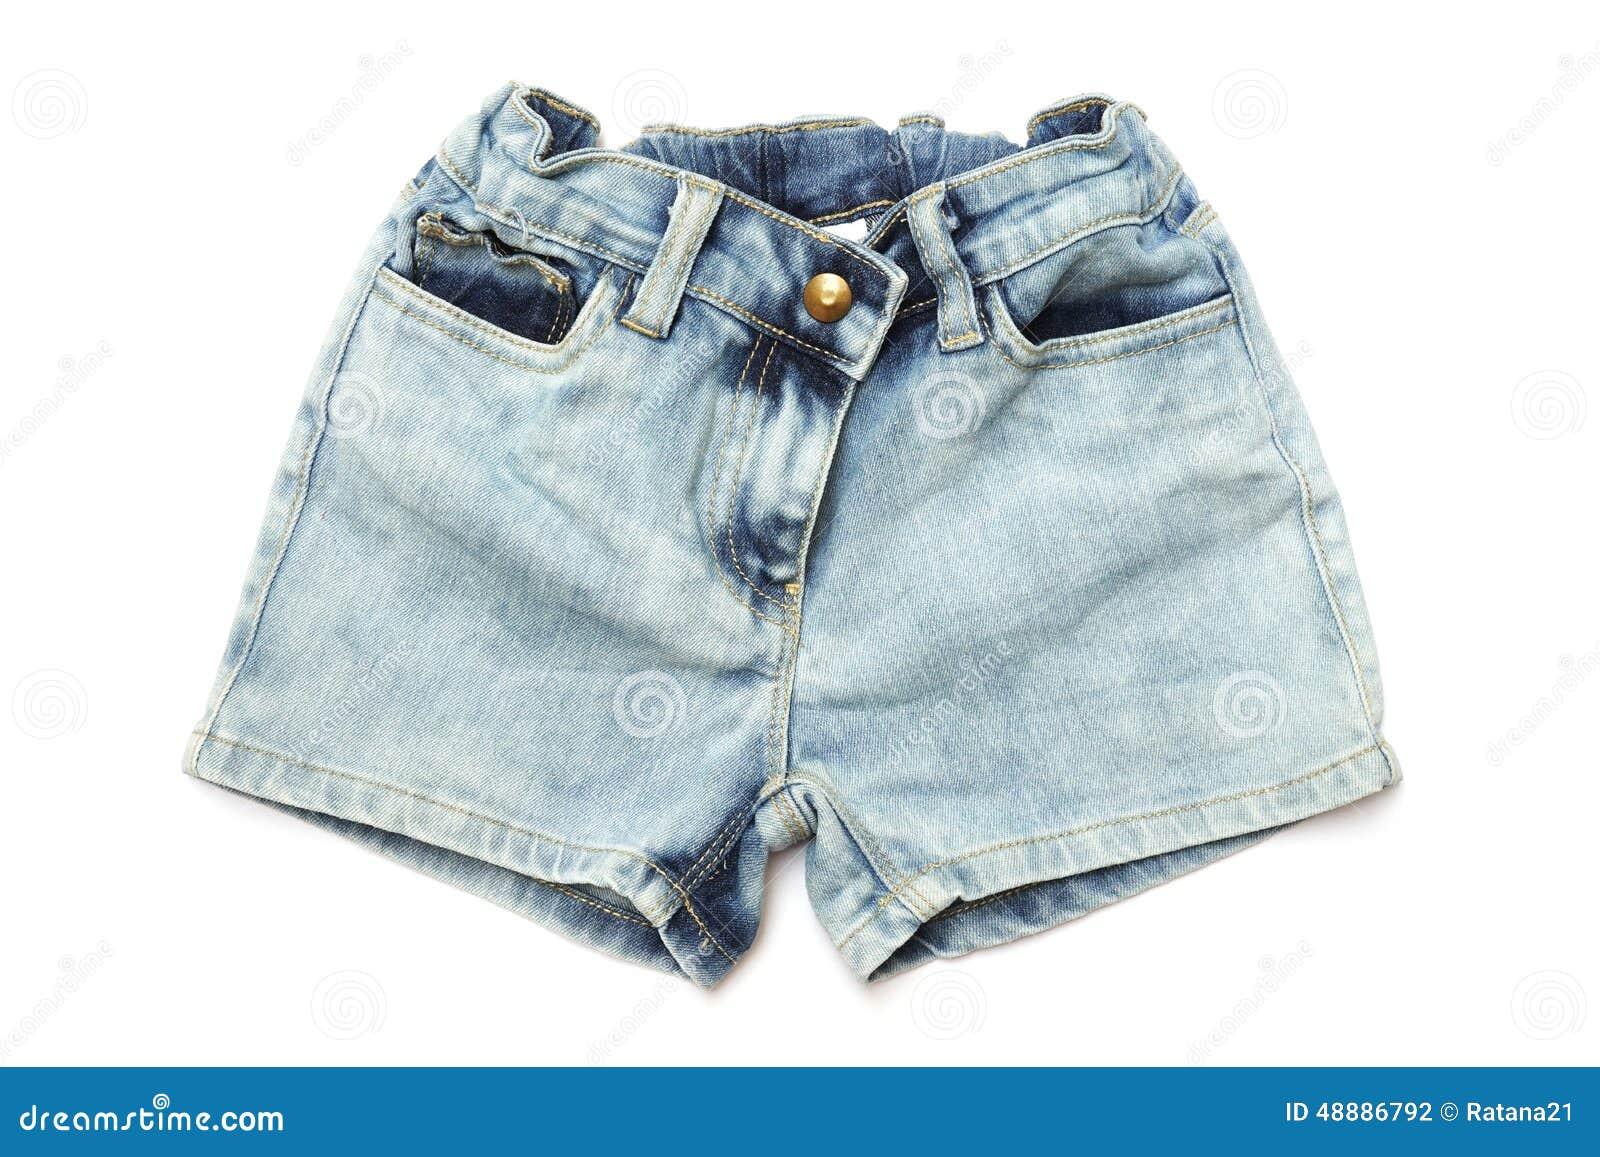 b2d6293b73 Pantalones Cortos De Los Tejanos Para Los Niños Foto de archivo ...